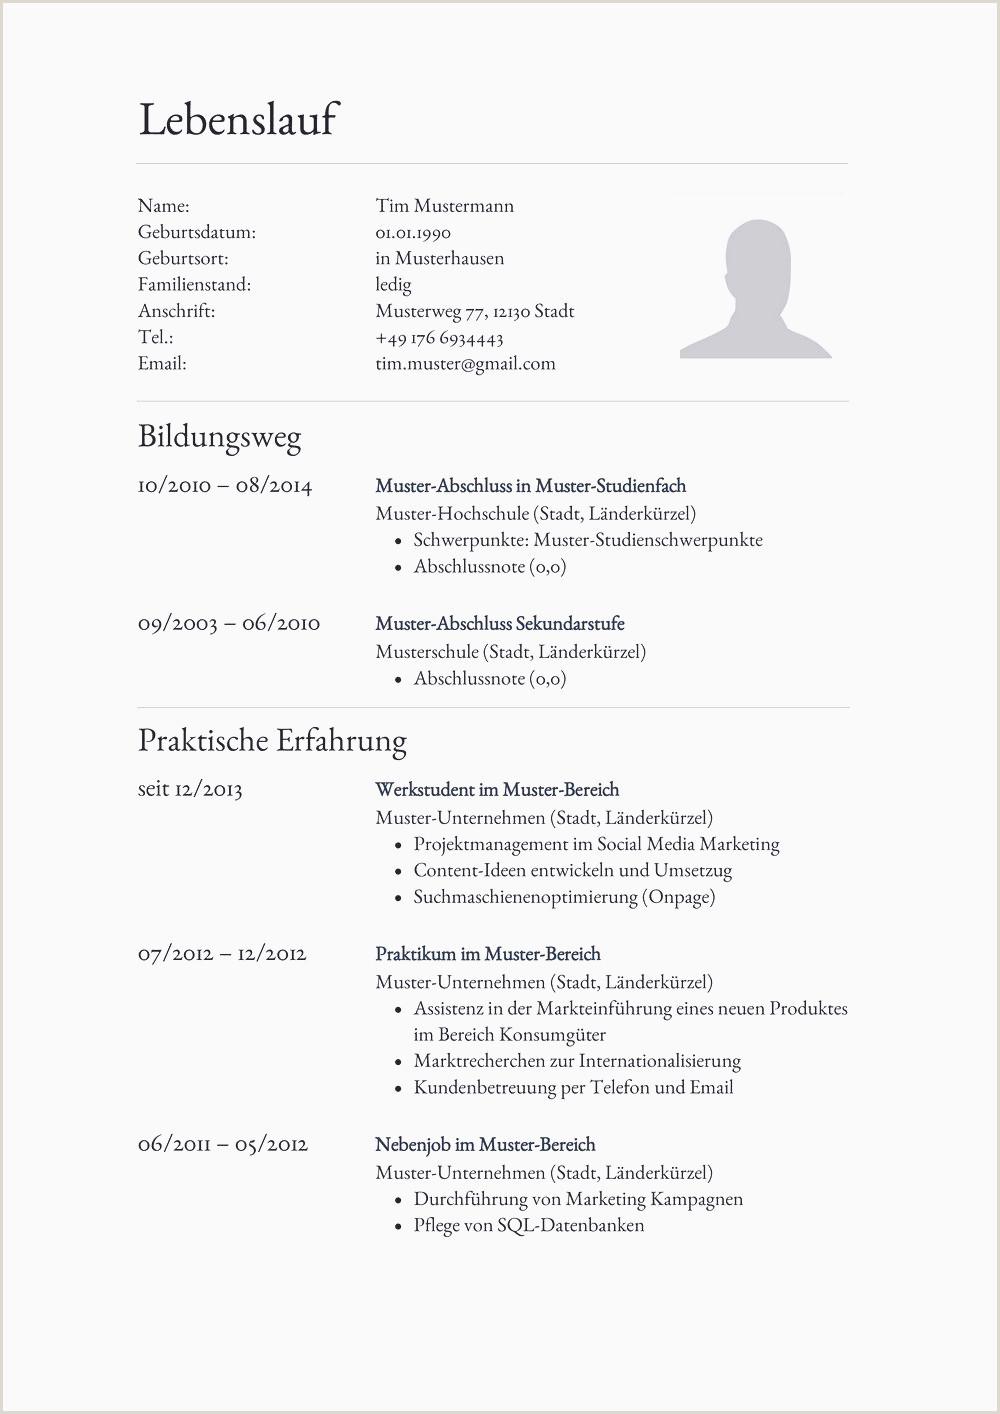 Lebenslauf Muster Arbeitssuchend 21 Tabellarischer Lebenslauf Muster Pdf